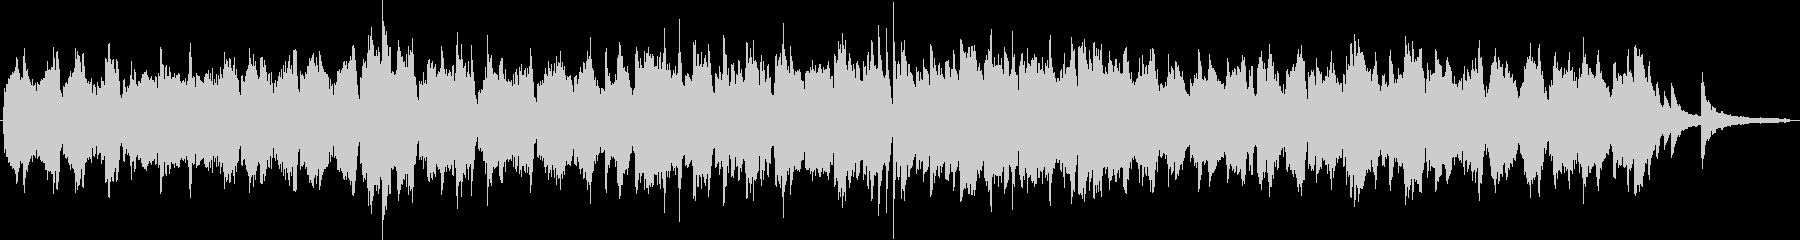 チェロ・ピアノの切ない曲の未再生の波形